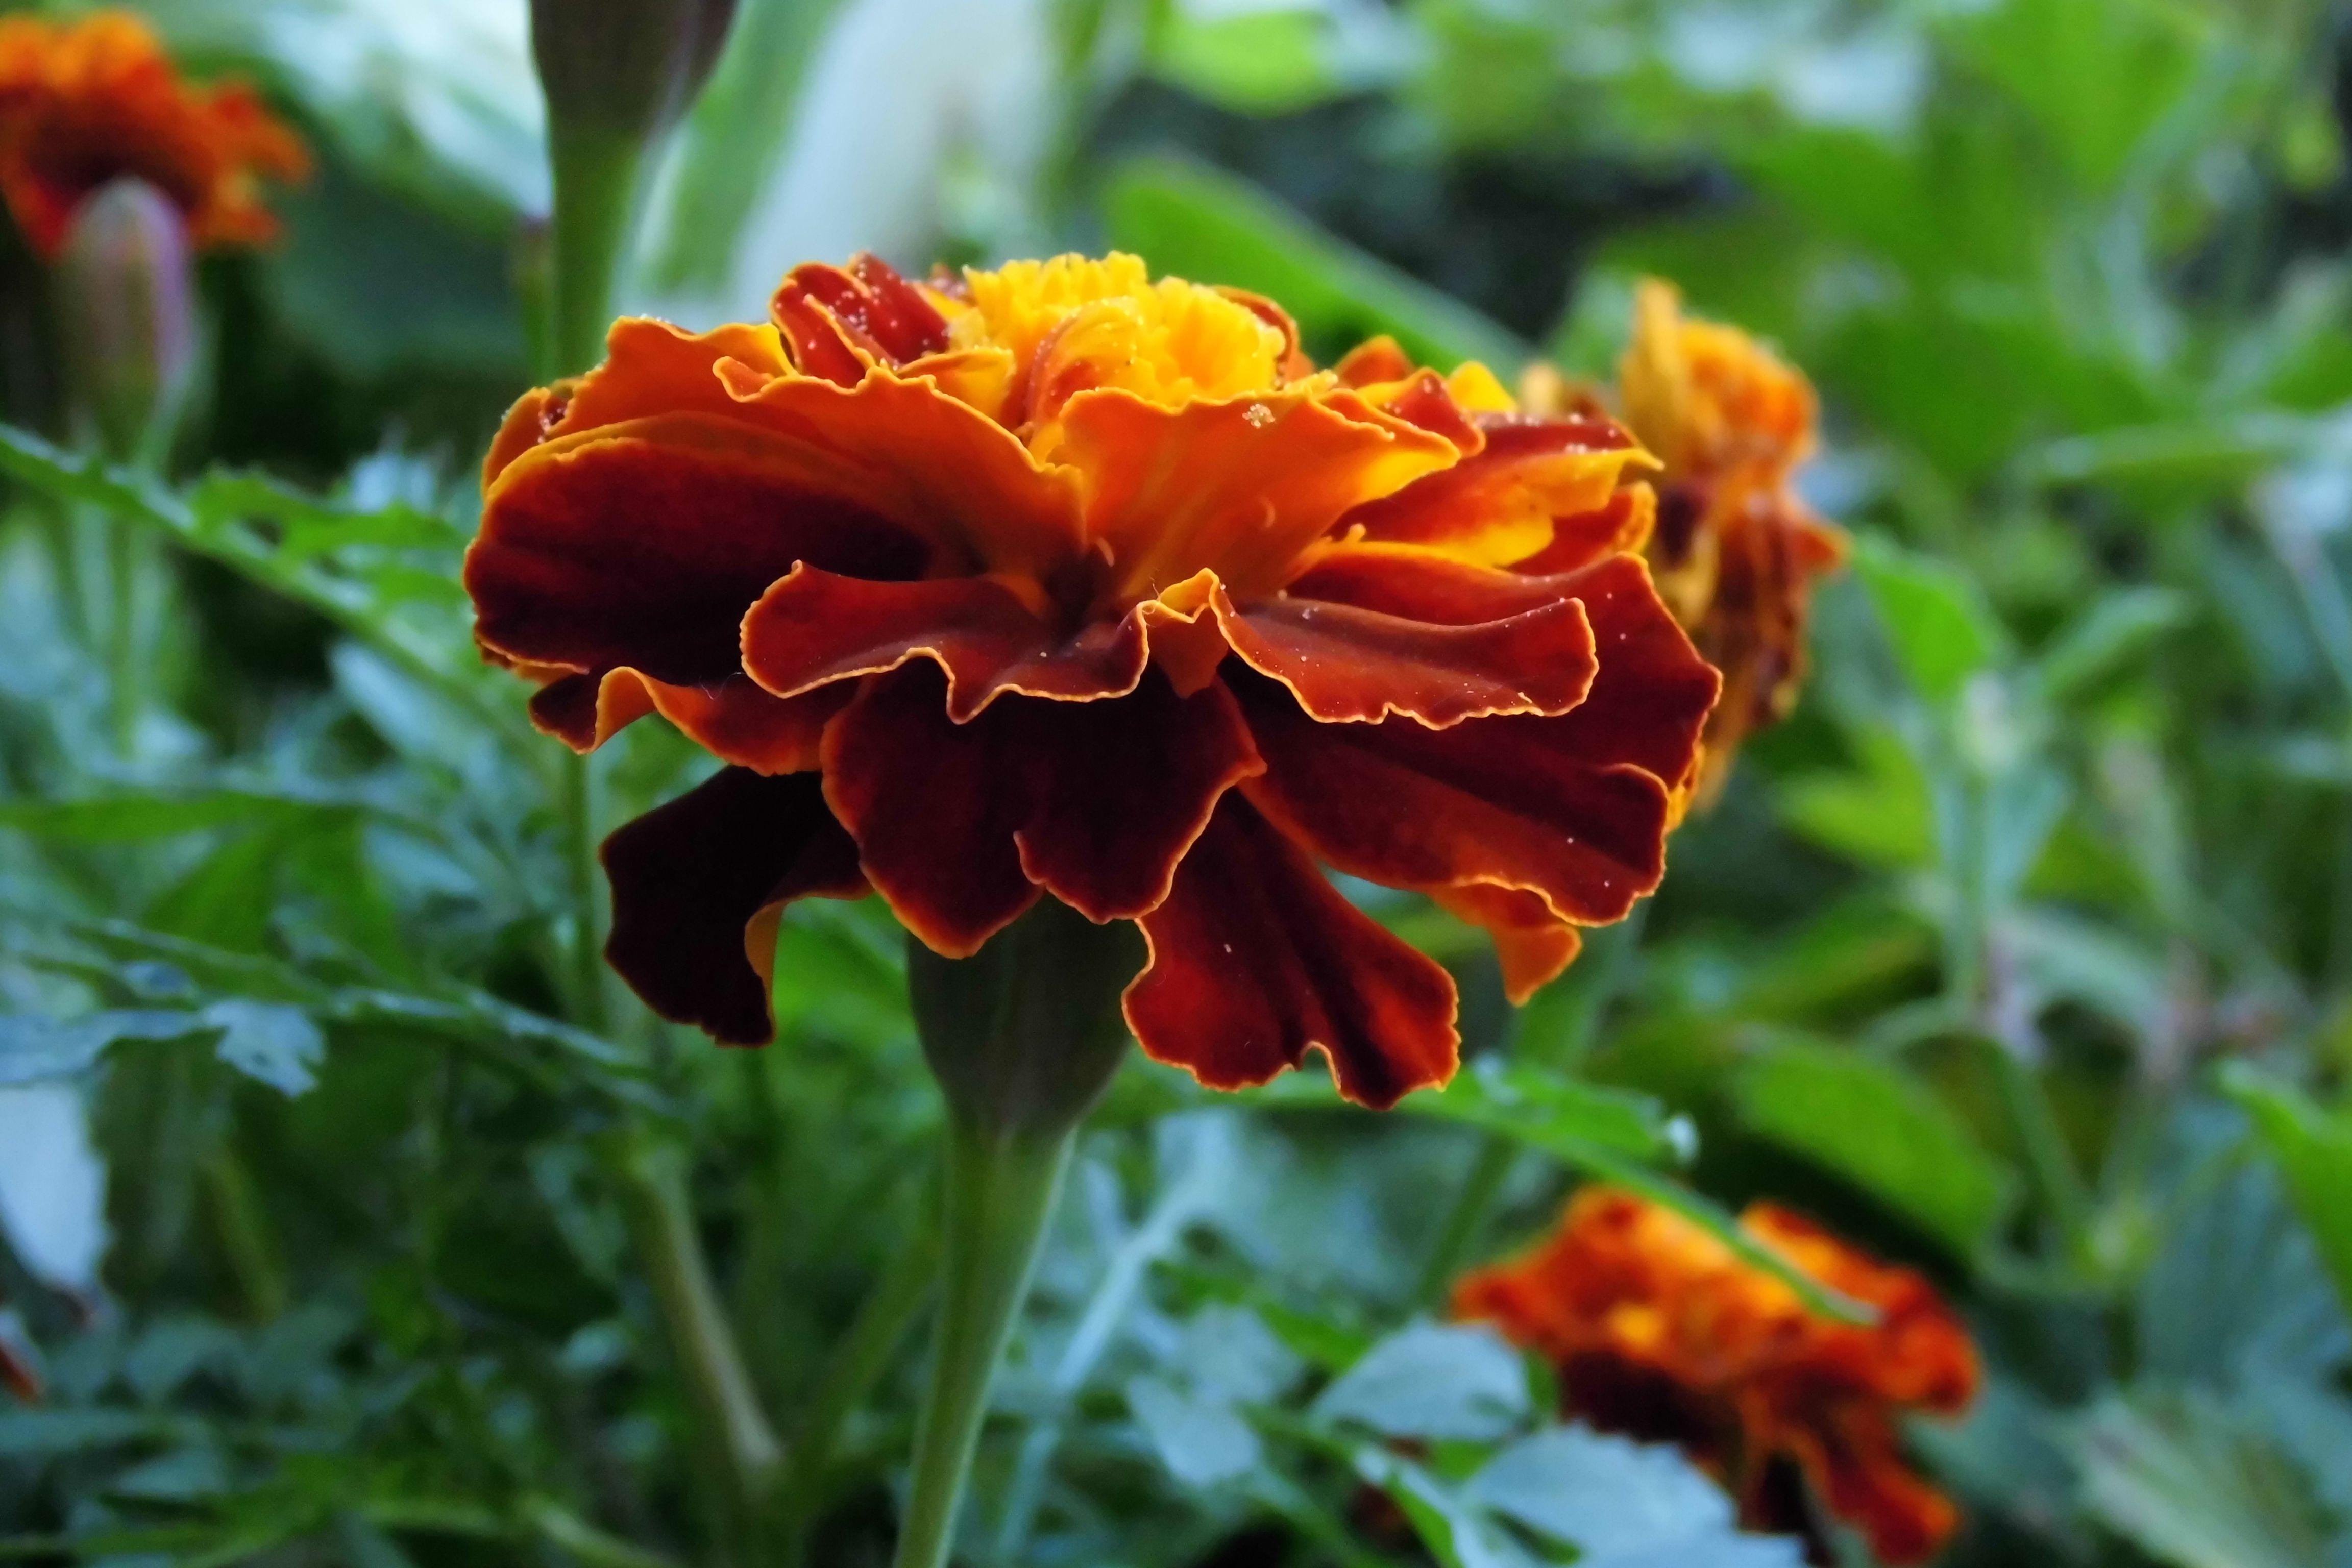 Tagetes, auch Studentenblume, Sammetblume oder türkische Nelke